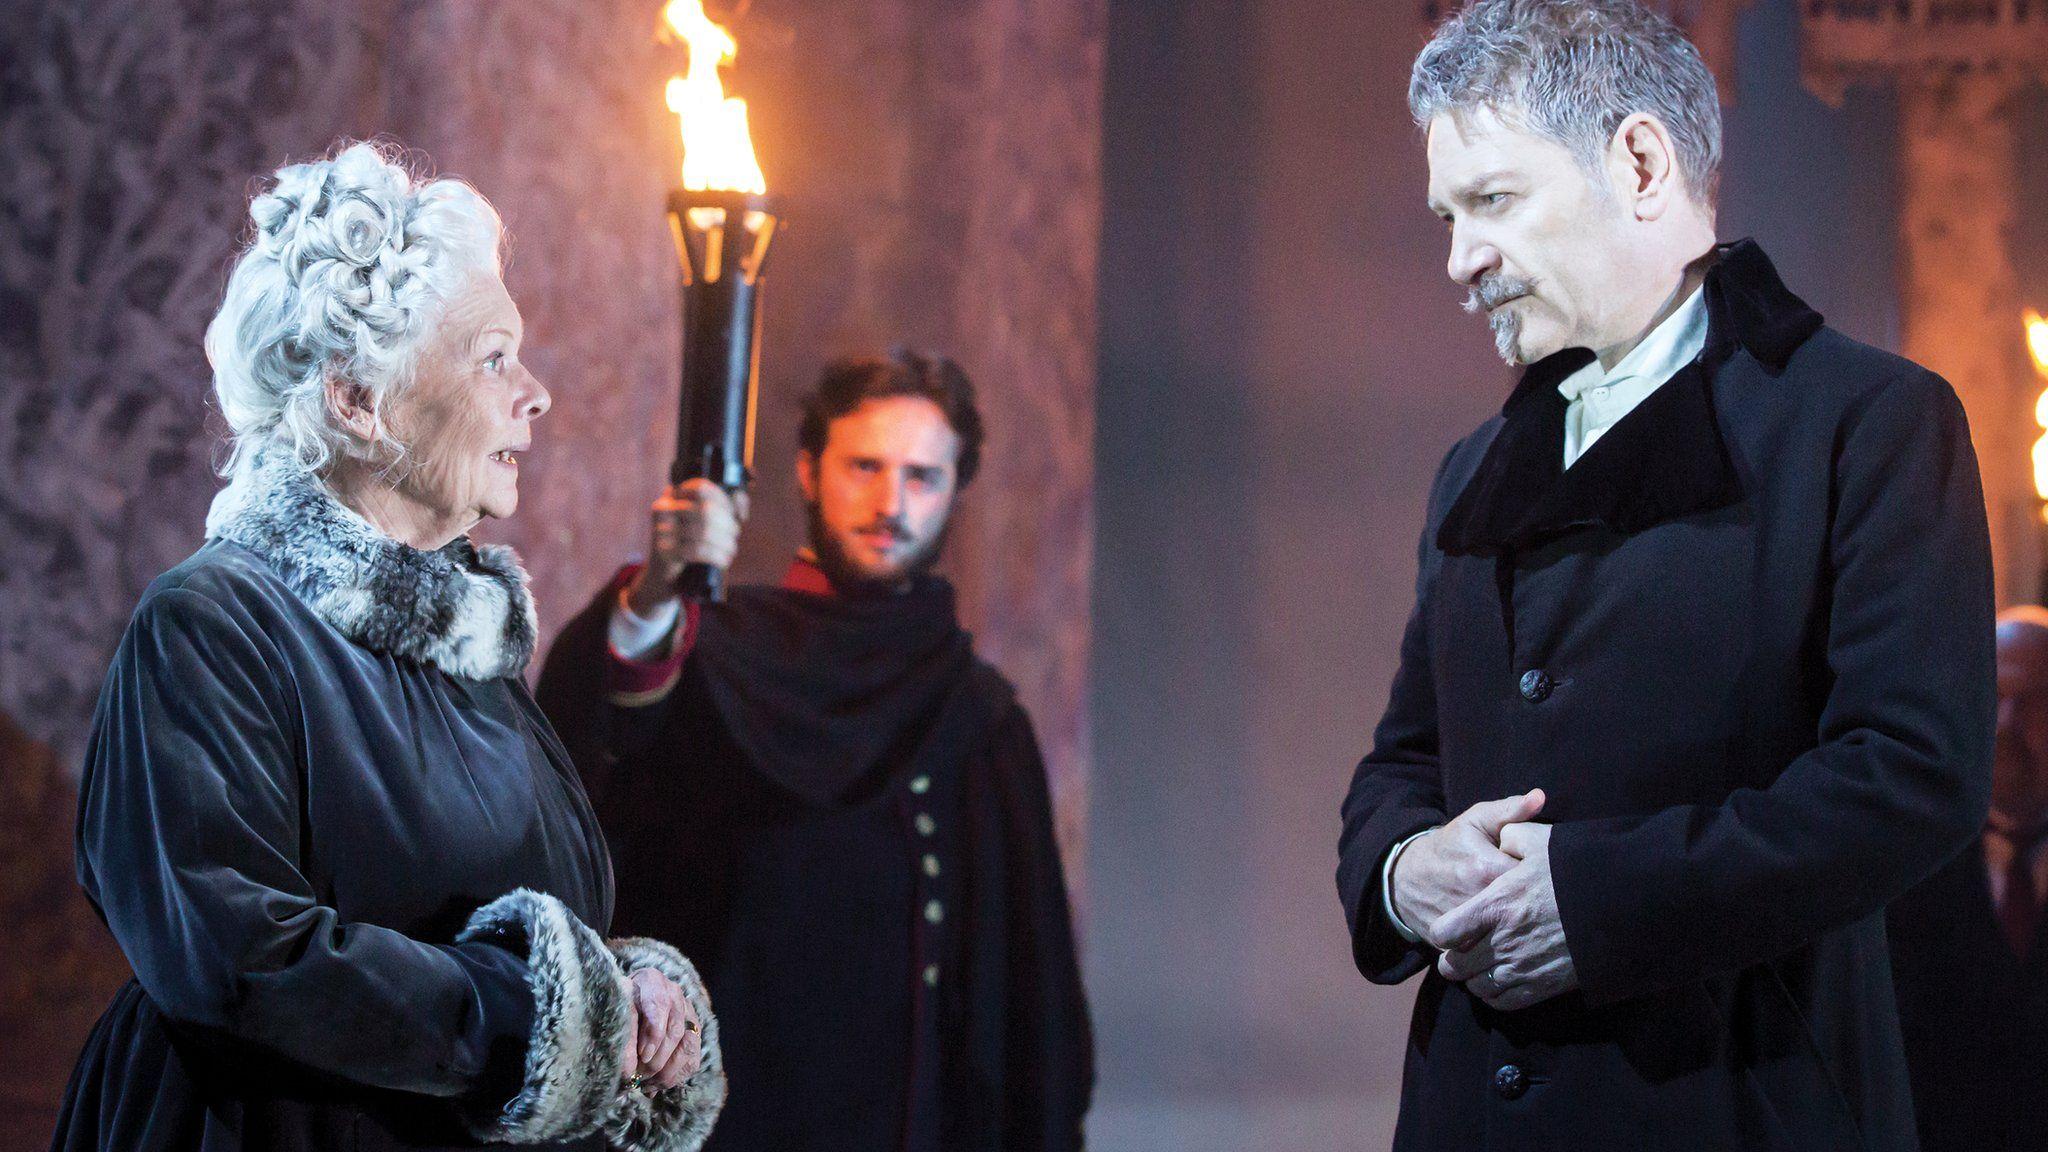 برای نجات تئاتر انگلستان به کمک دولت نیاز است